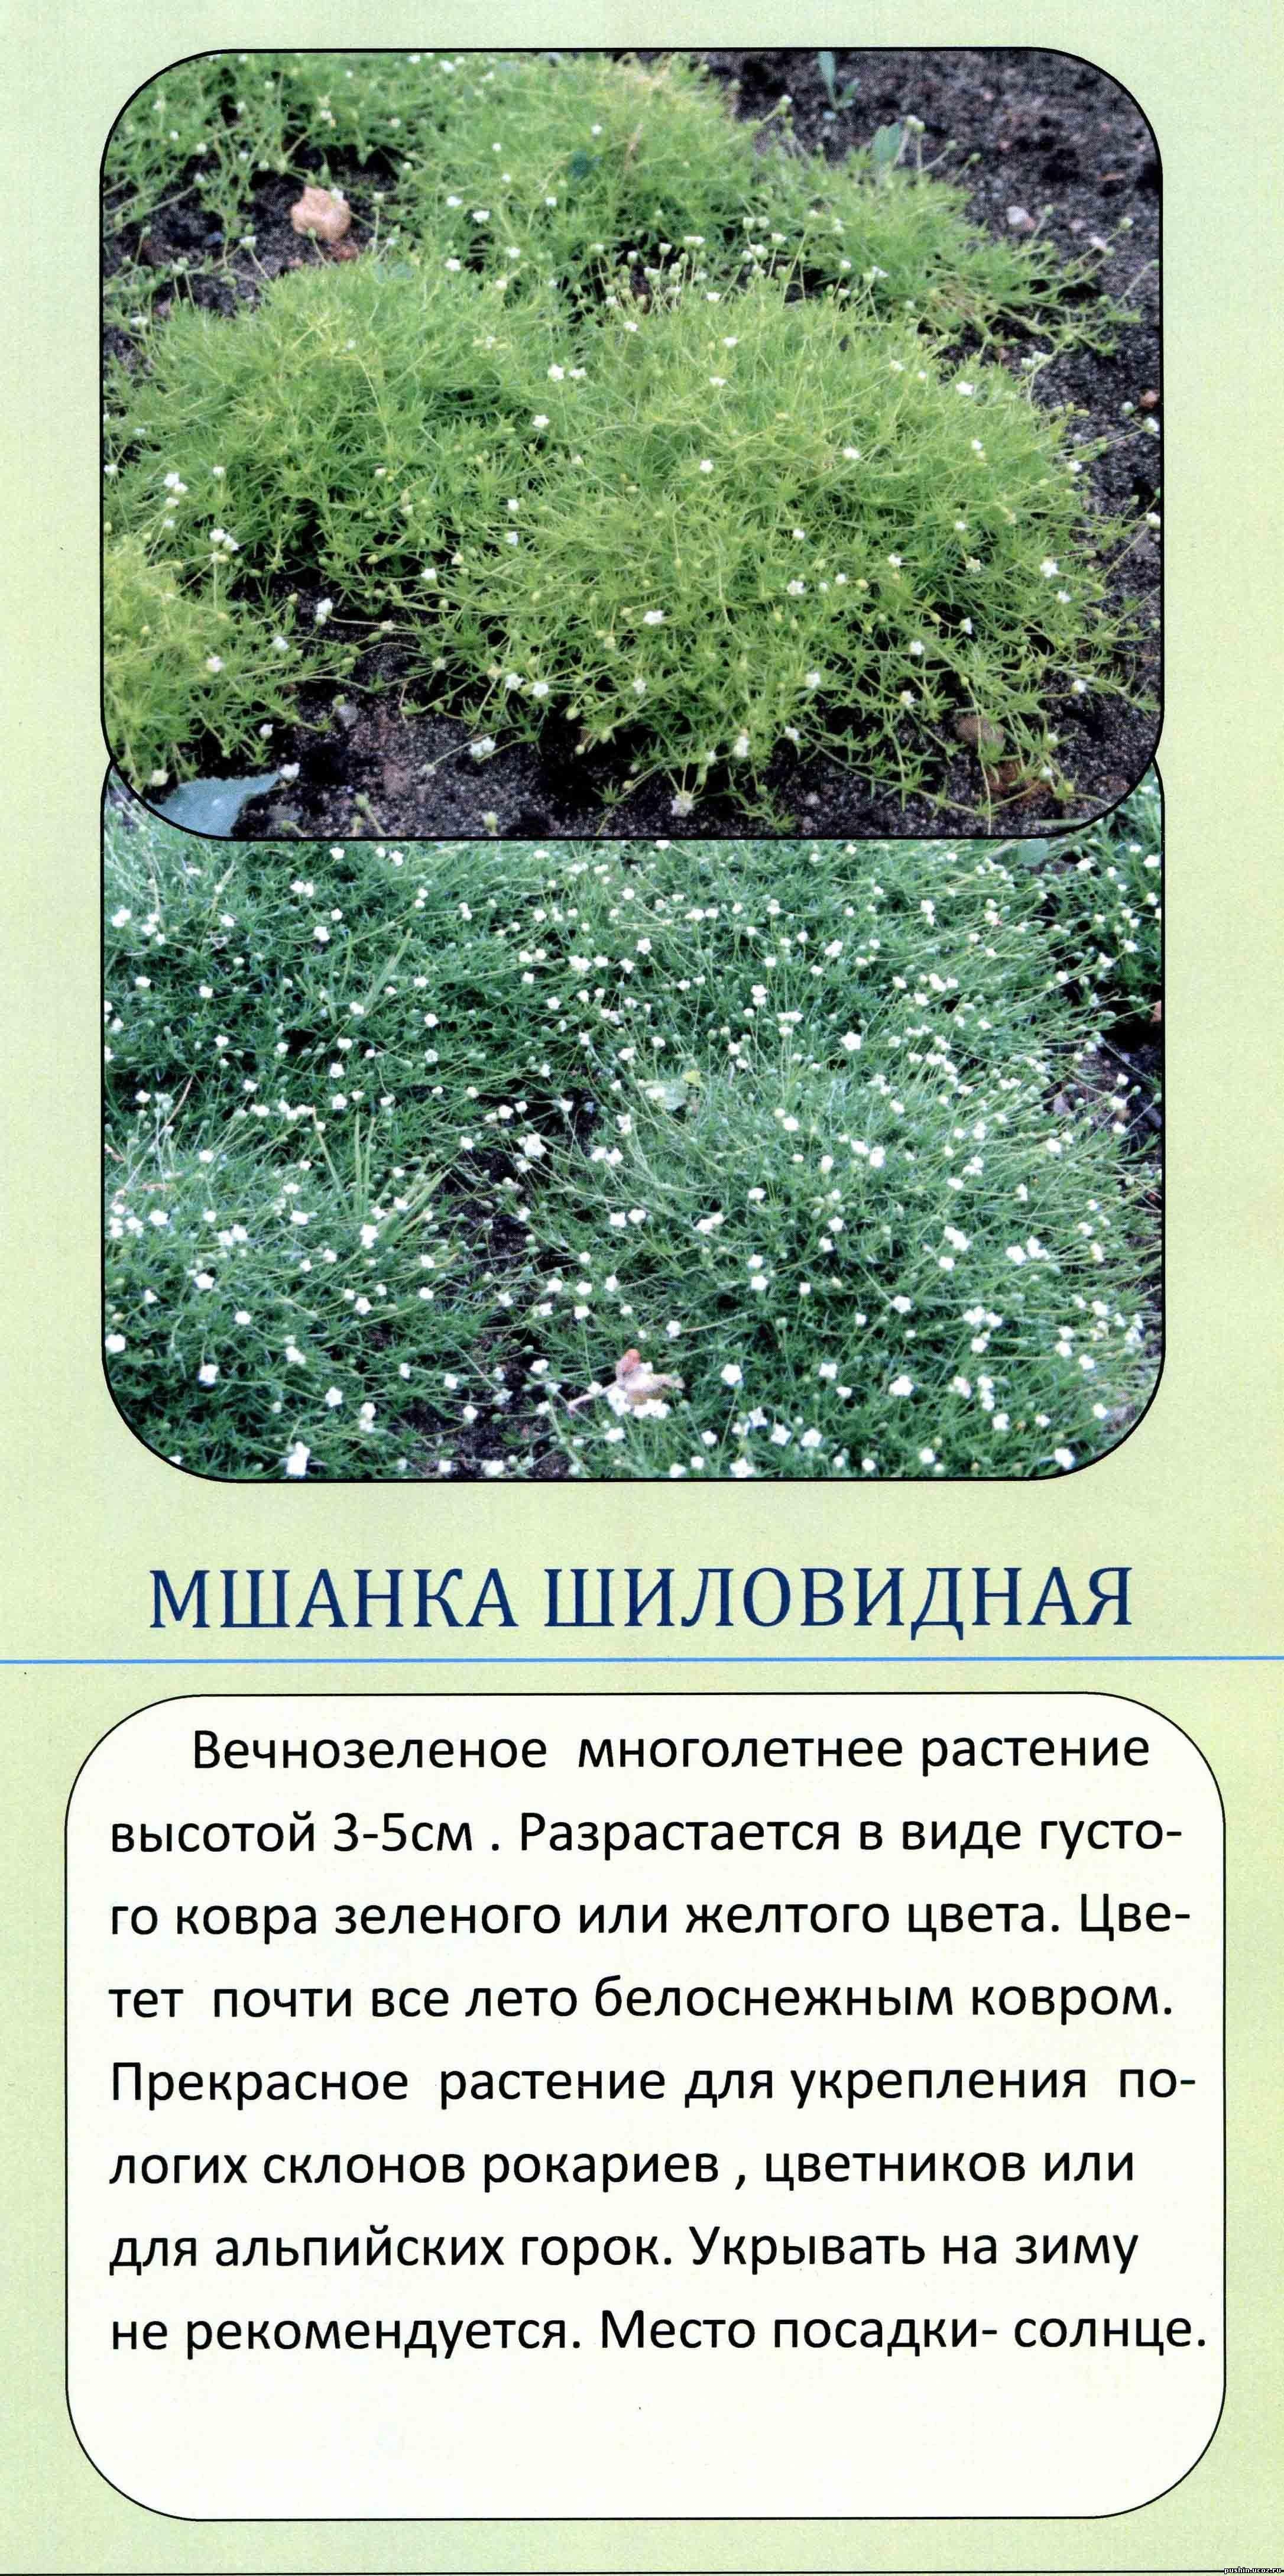 Мшанка шиловидная выращивание из семян в открытом грунте 75